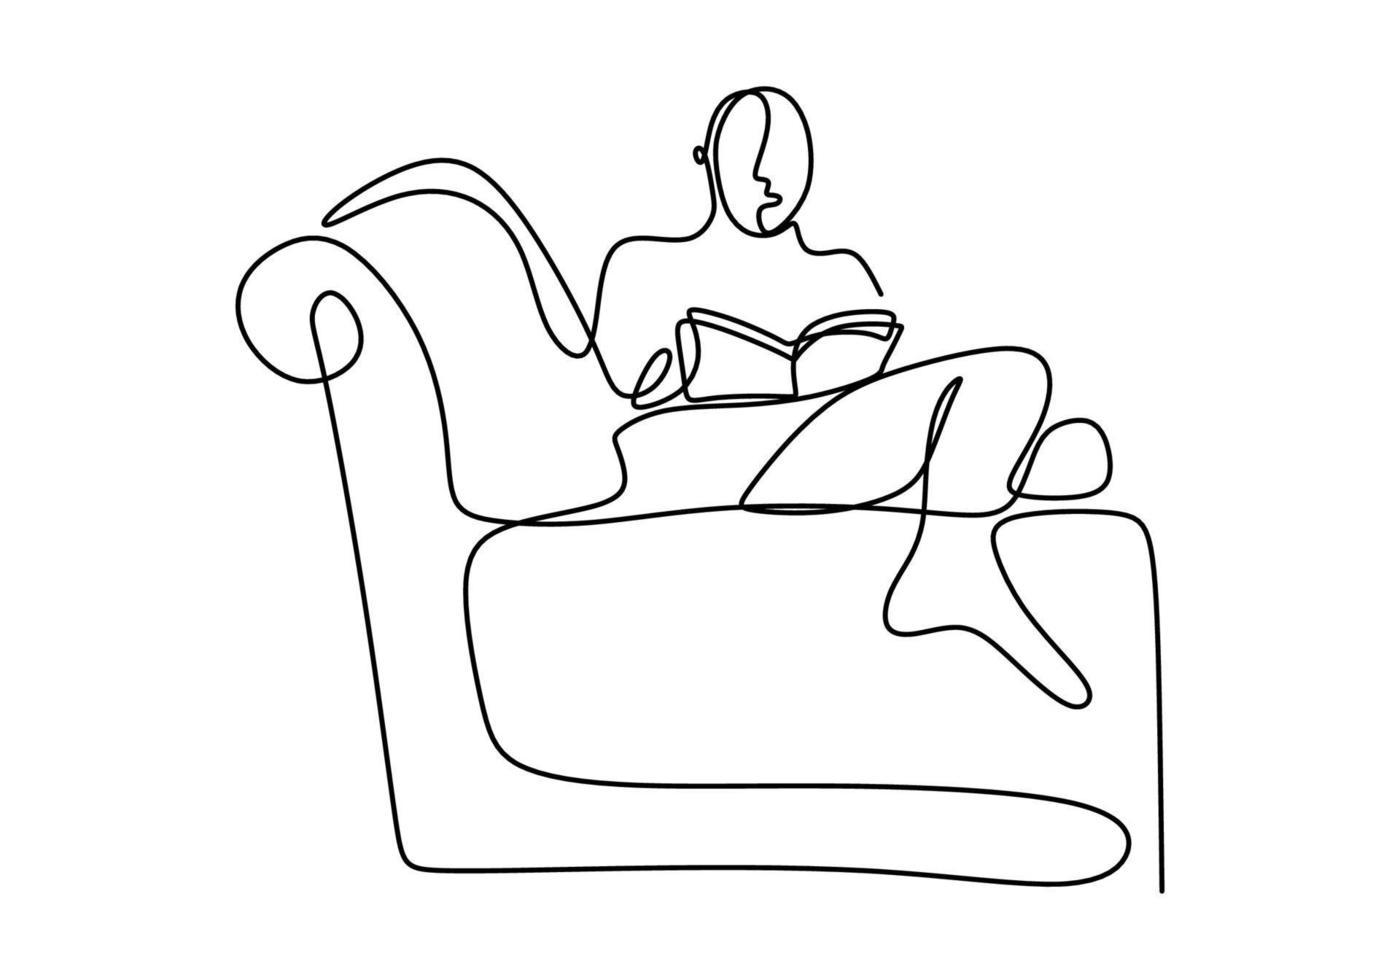 Un dessin au trait continu de l'homme jeune adolescent heureux se reposer en se couchant sur le canapé en lisant le livre. profiter de la conception de signe de tirage au sort ligne unique concept de temps vecteur